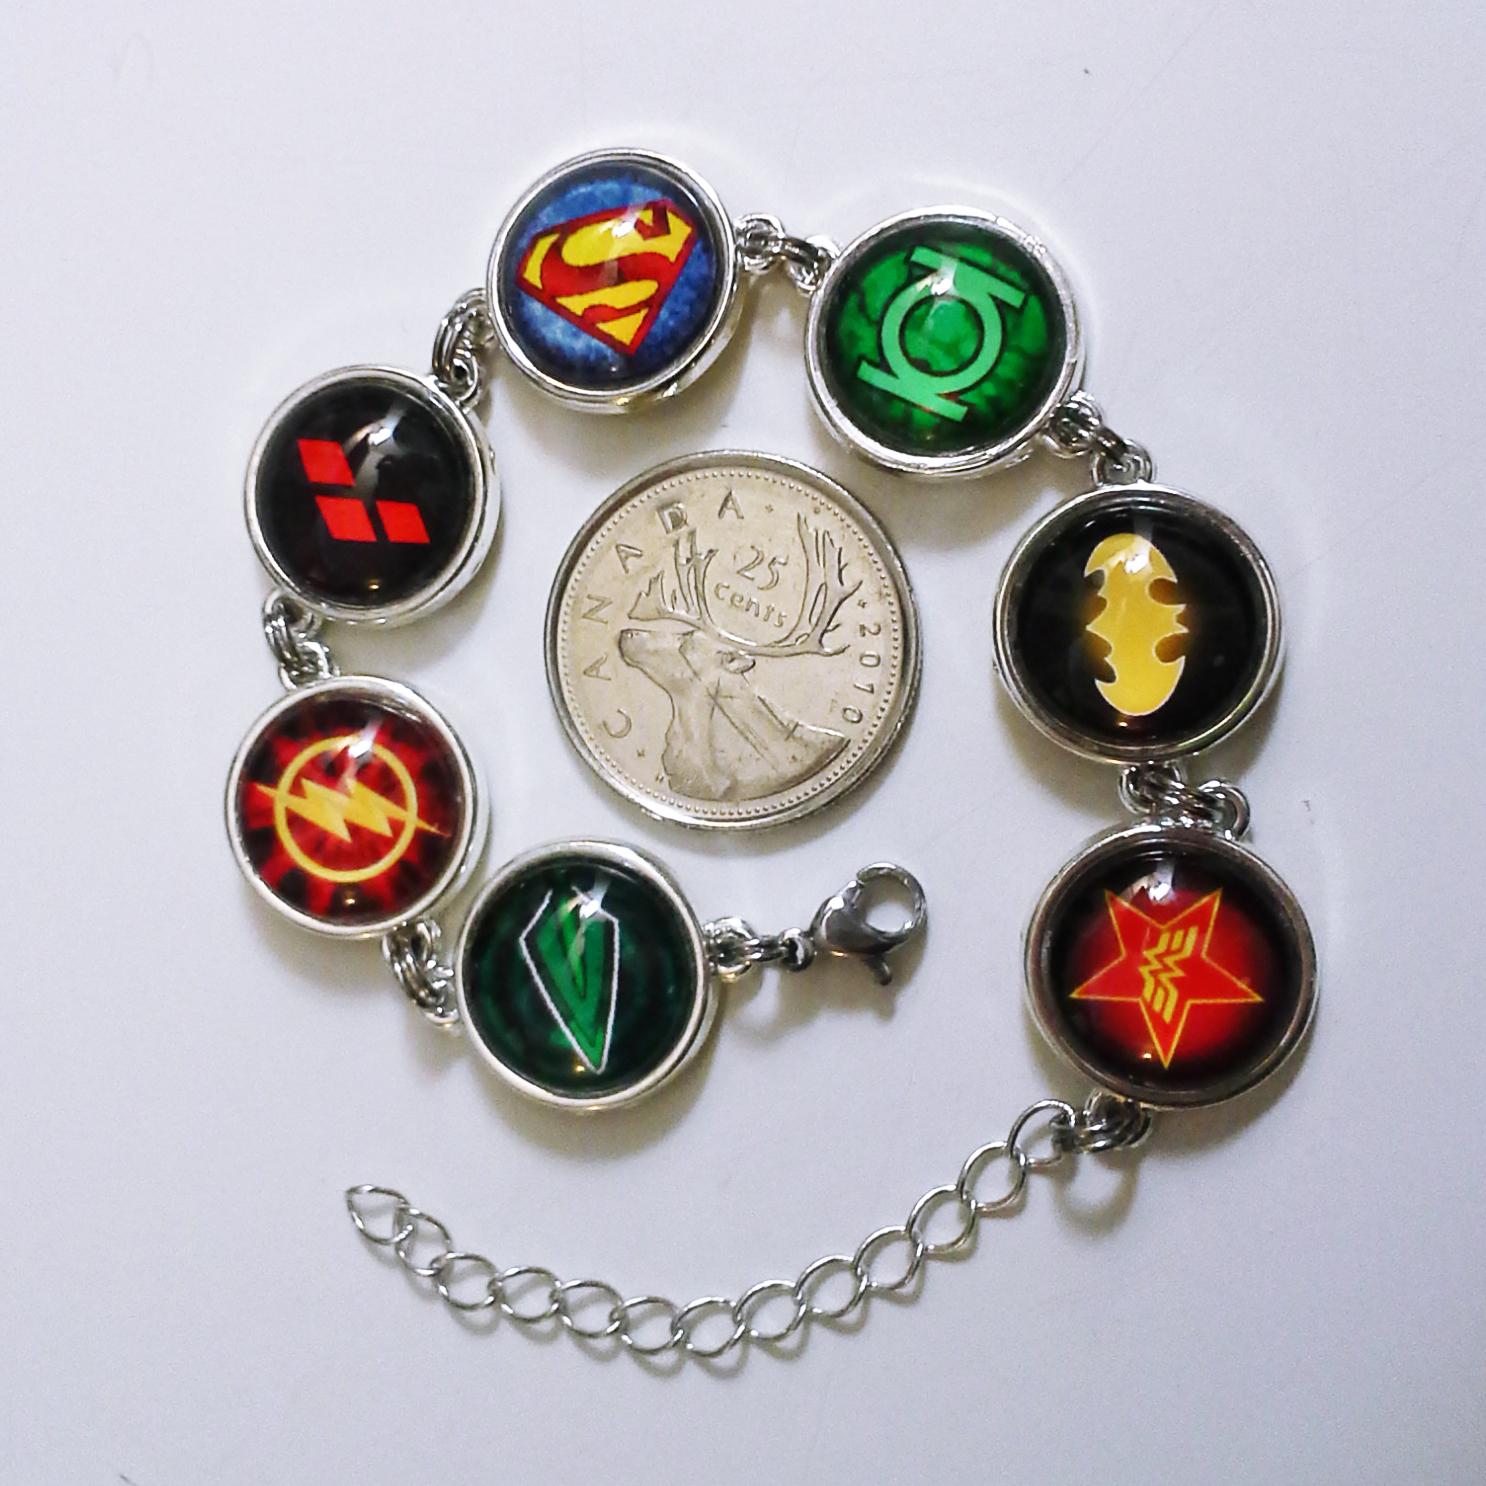 DC Comics Silver Bracelet - Batman, Flash, Arrow, Superman, Green Lantern, WW